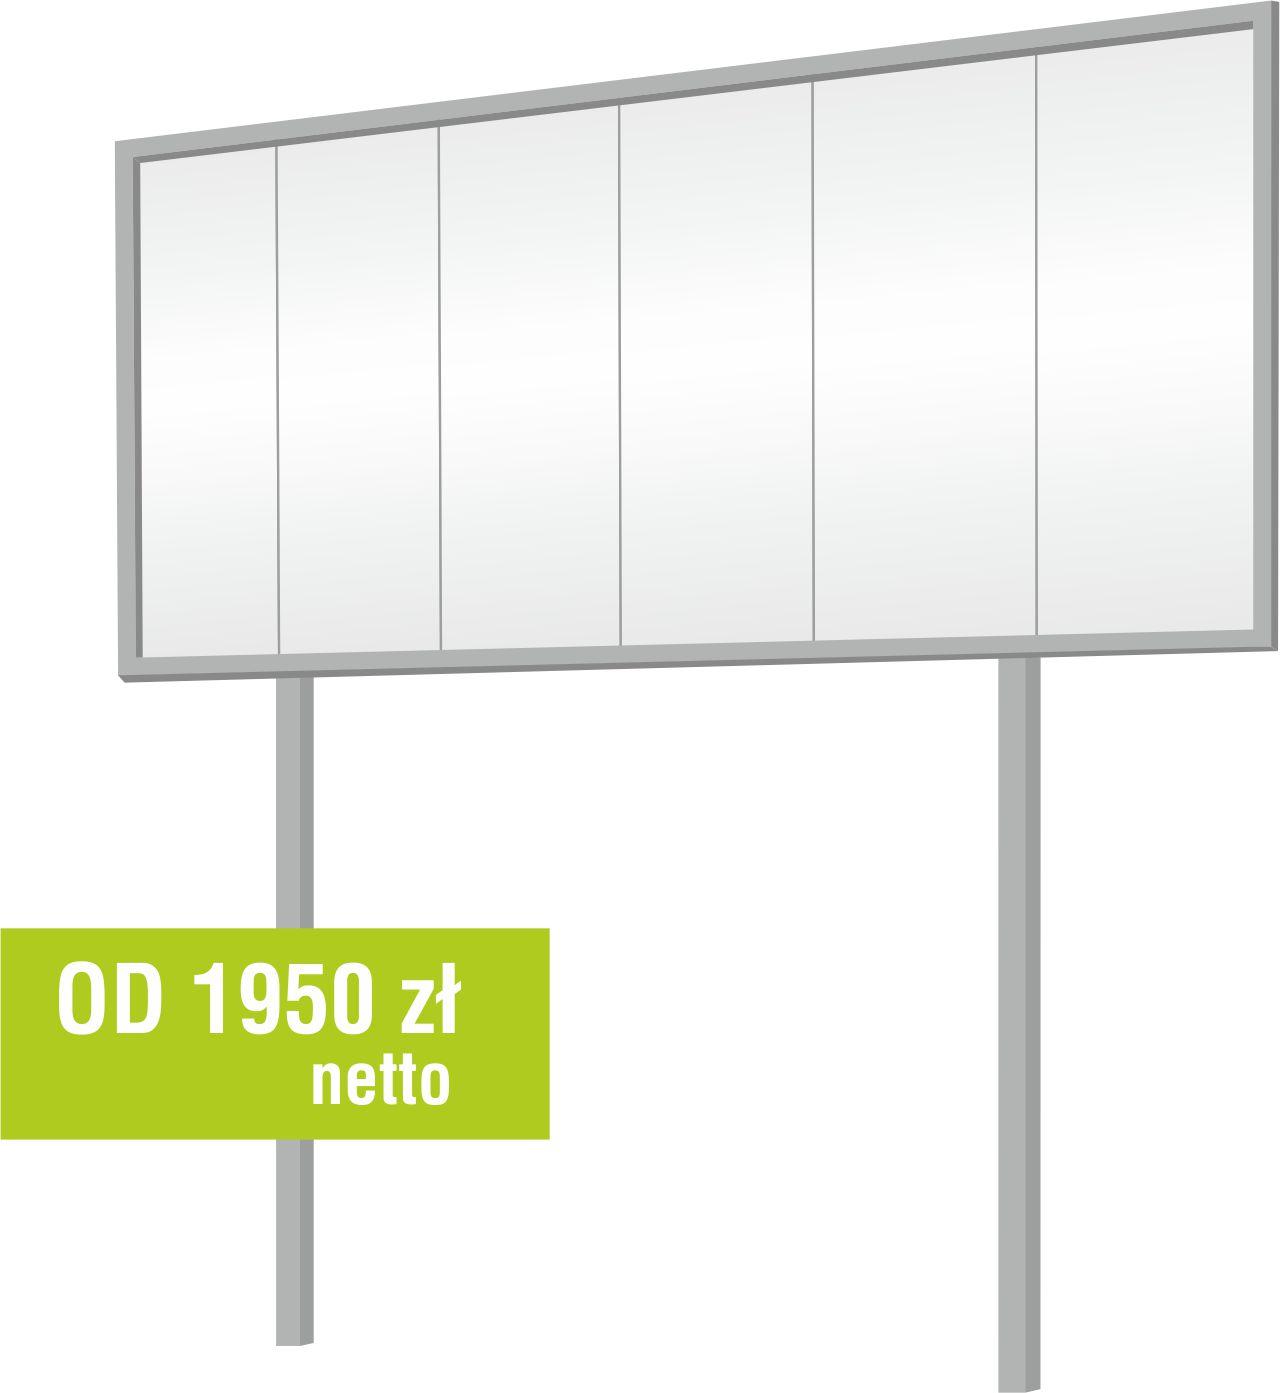 billboard wkopywany Euro 12 Zielona Góra